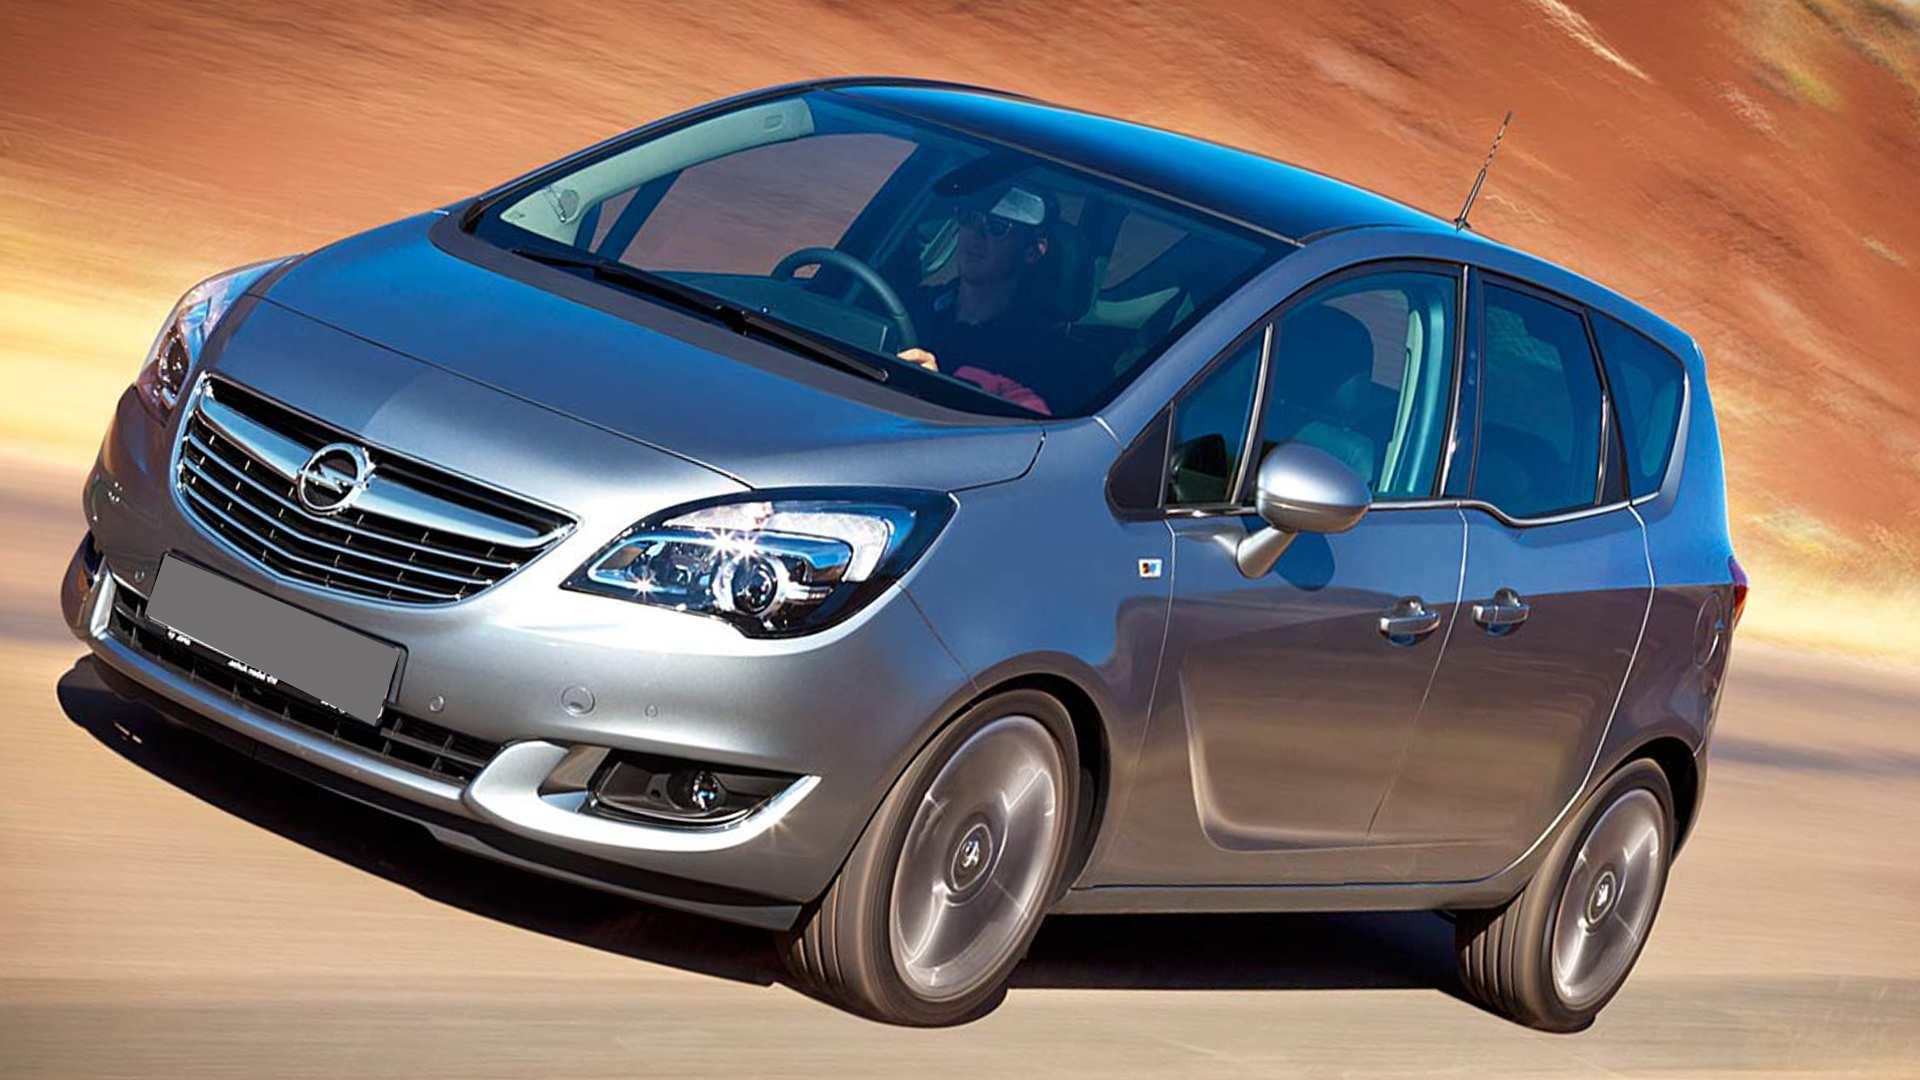 45 The Opel Meriva 2019 Photos by Opel Meriva 2019